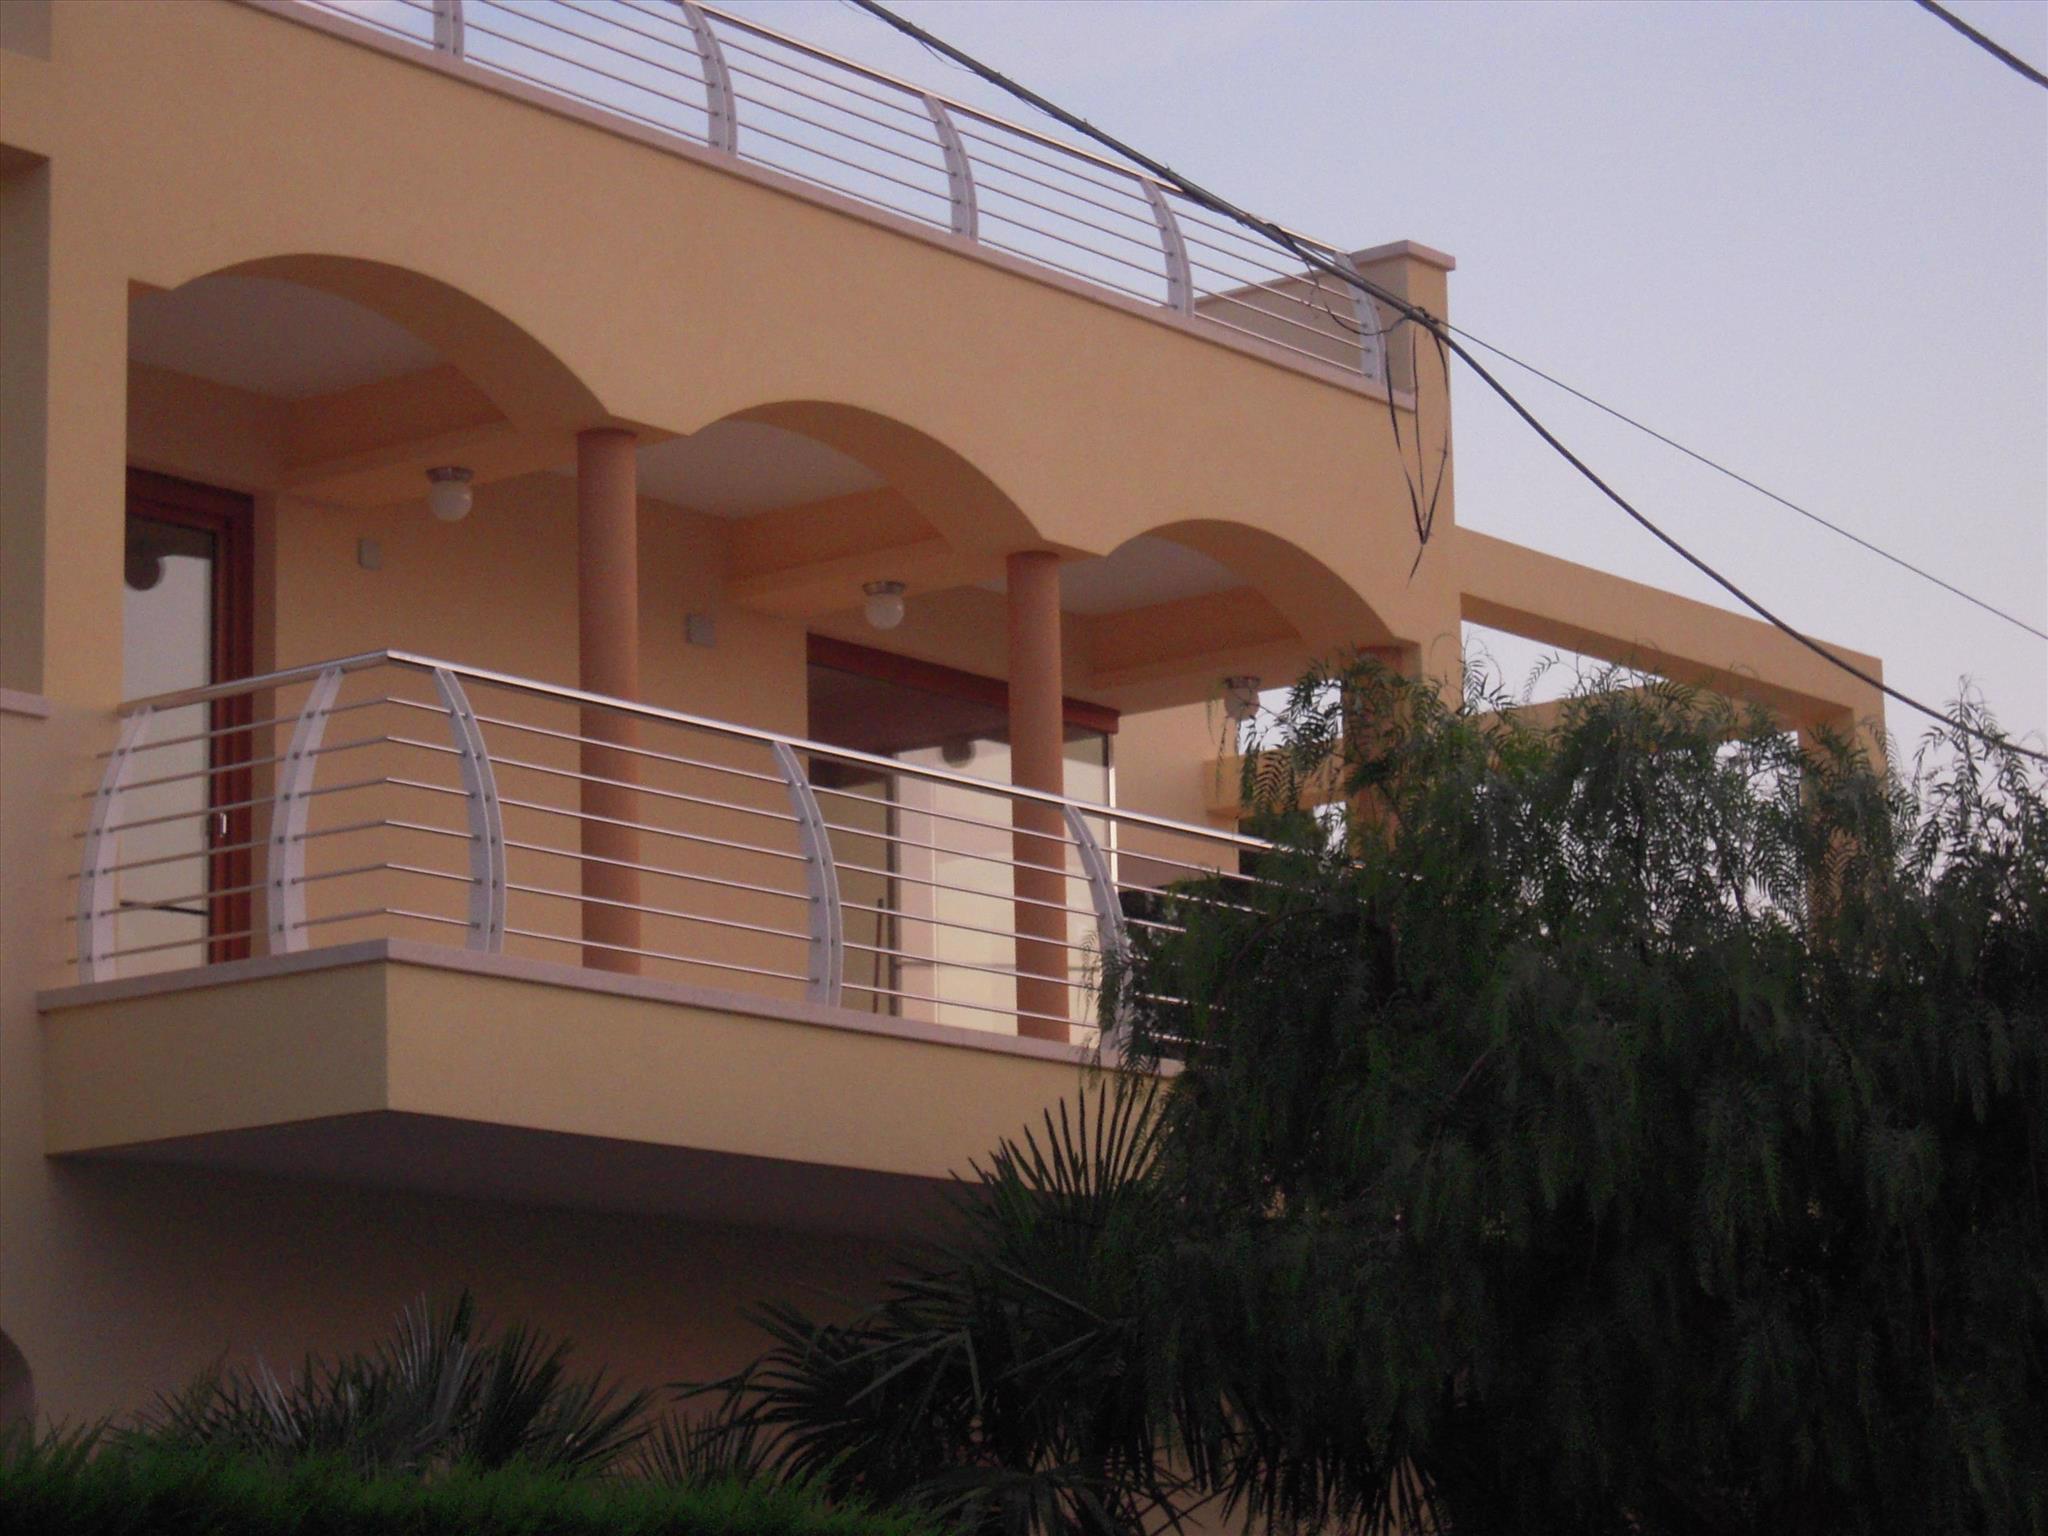 Ferienwohnung 800 mt dalla spiaggia e con 220 mq di terrazza e balconi (728502), Santa Maria al Bagno, Lecce, Apulien, Italien, Bild 4